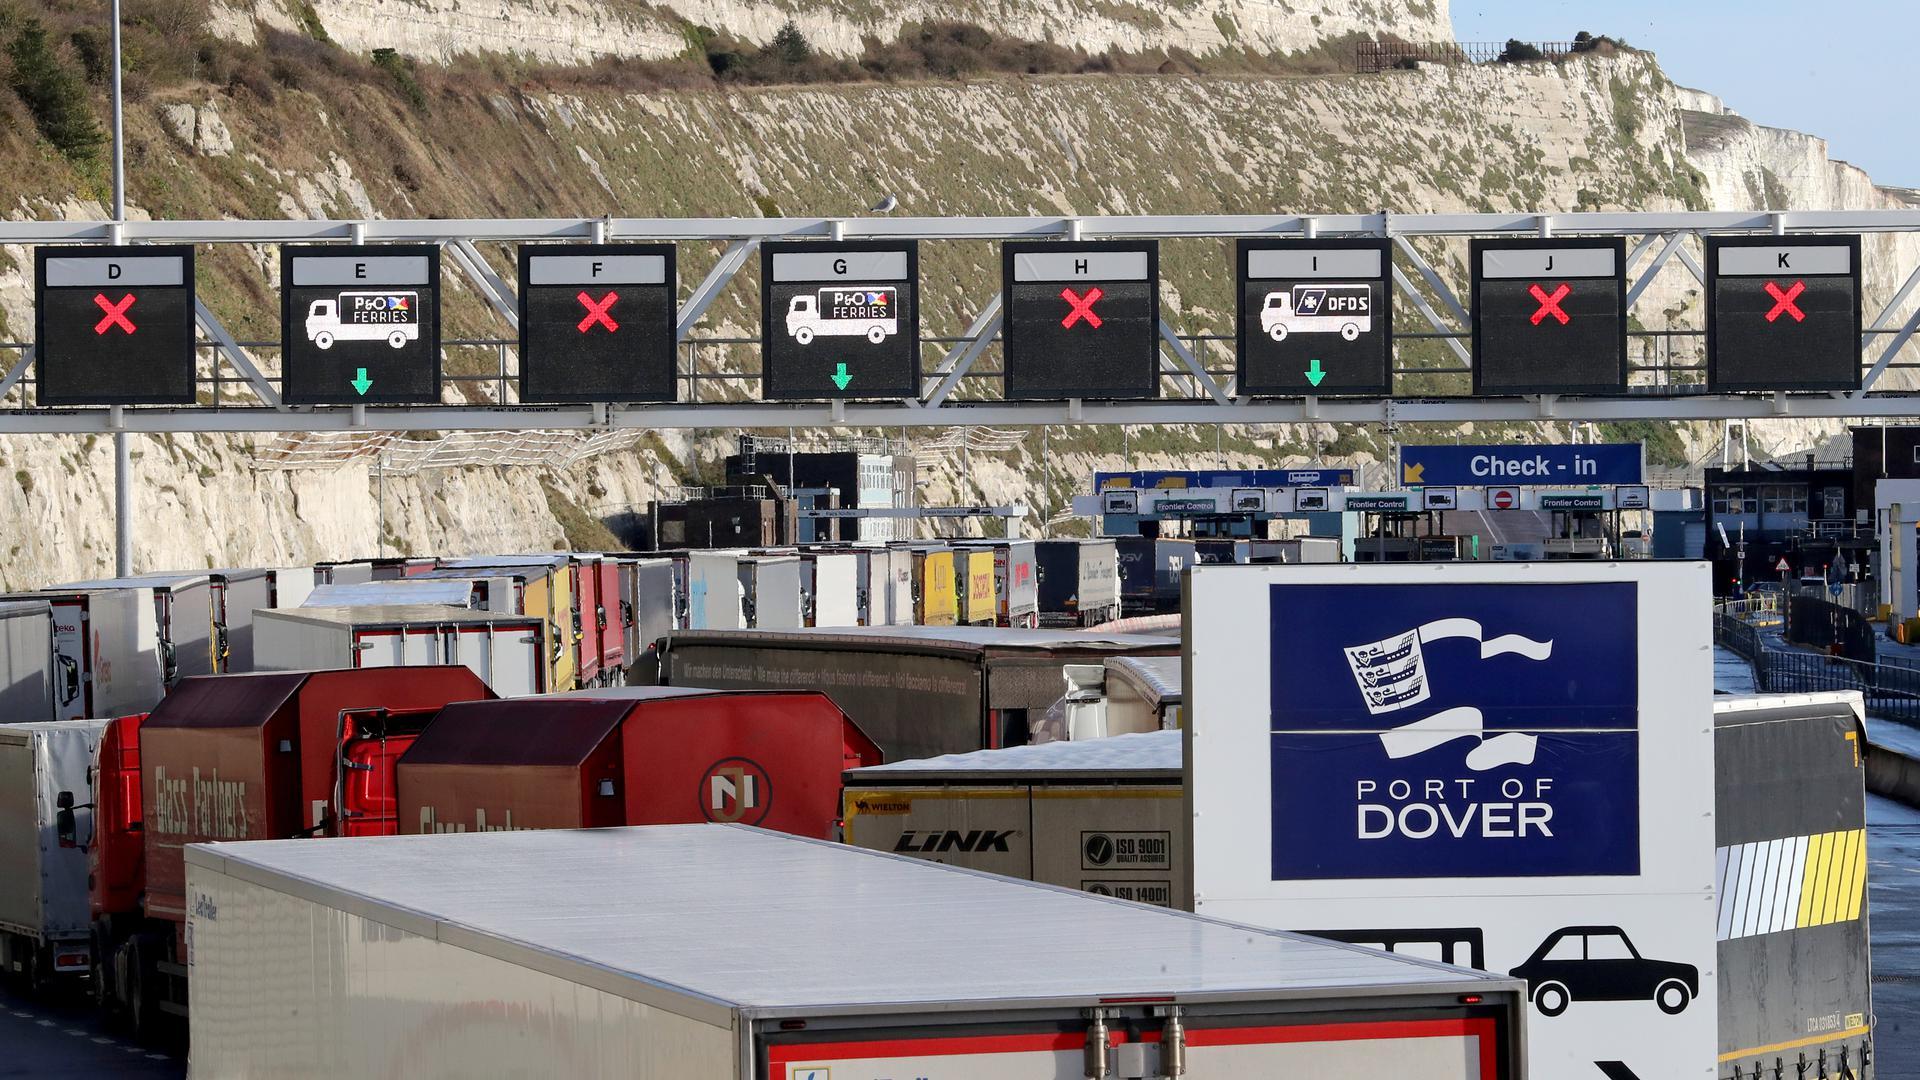 Neue Zollverfahren als gewaltiger Bremsklotz im Handel: Lastwagen stehen im Hafen der britischen Küstenstadt Dover Schlange, um vor der Überfahrt in die EU kontrolliert zu werden.